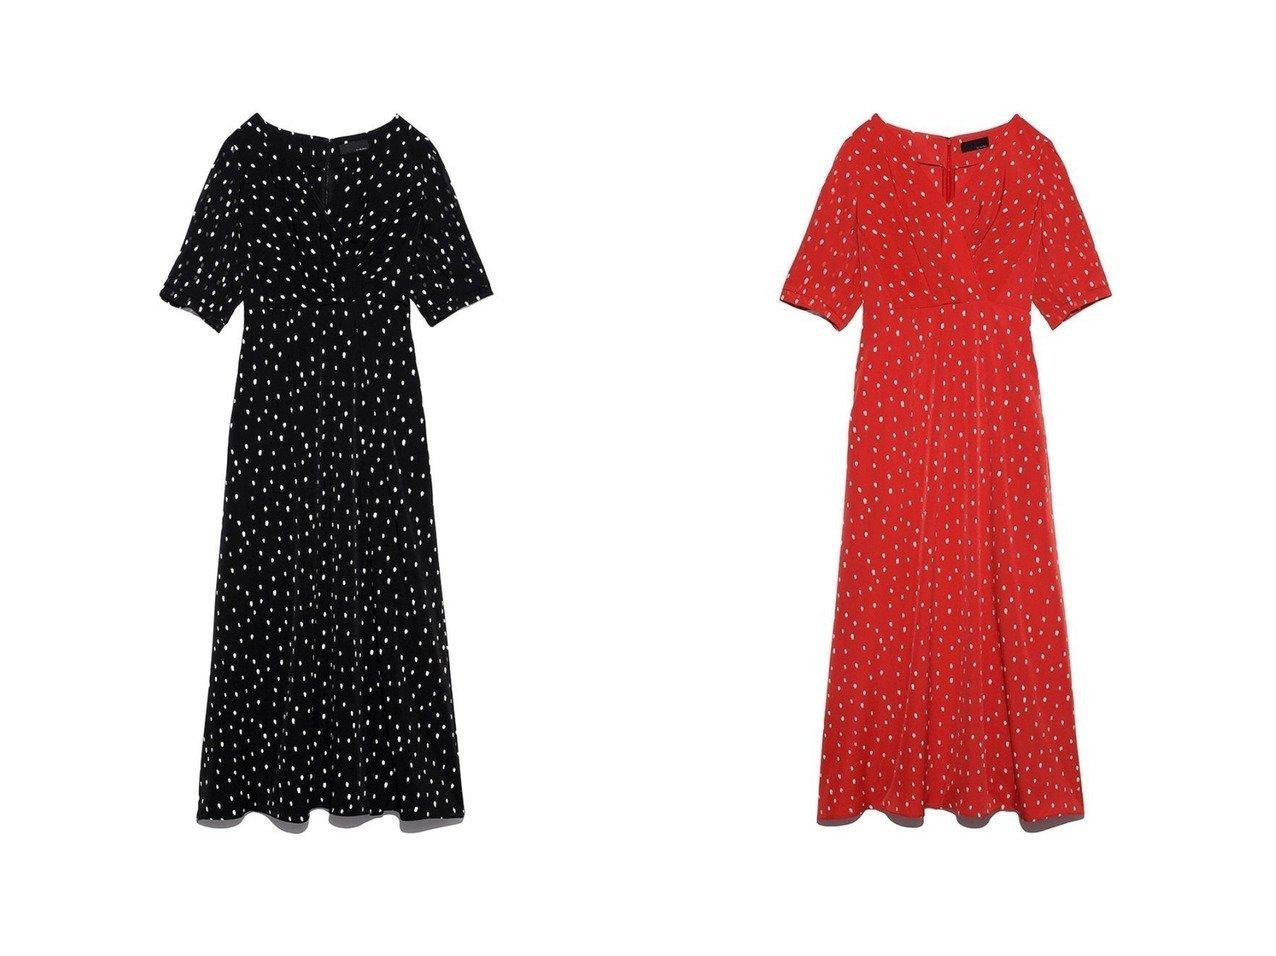 【styling/スタイリング】のドットミディワンピース ワンピース・ドレスのおすすめ!人気、レディースファッションの通販  おすすめで人気のファッション通販商品 インテリア・家具・キッズファッション・メンズファッション・レディースファッション・服の通販 founy(ファニー) https://founy.com/ ファッション Fashion レディース WOMEN ワンピース Dress アンダー サテン シフォン ジャケット ドット バランス ランダム ロング |ID:crp329100000003386